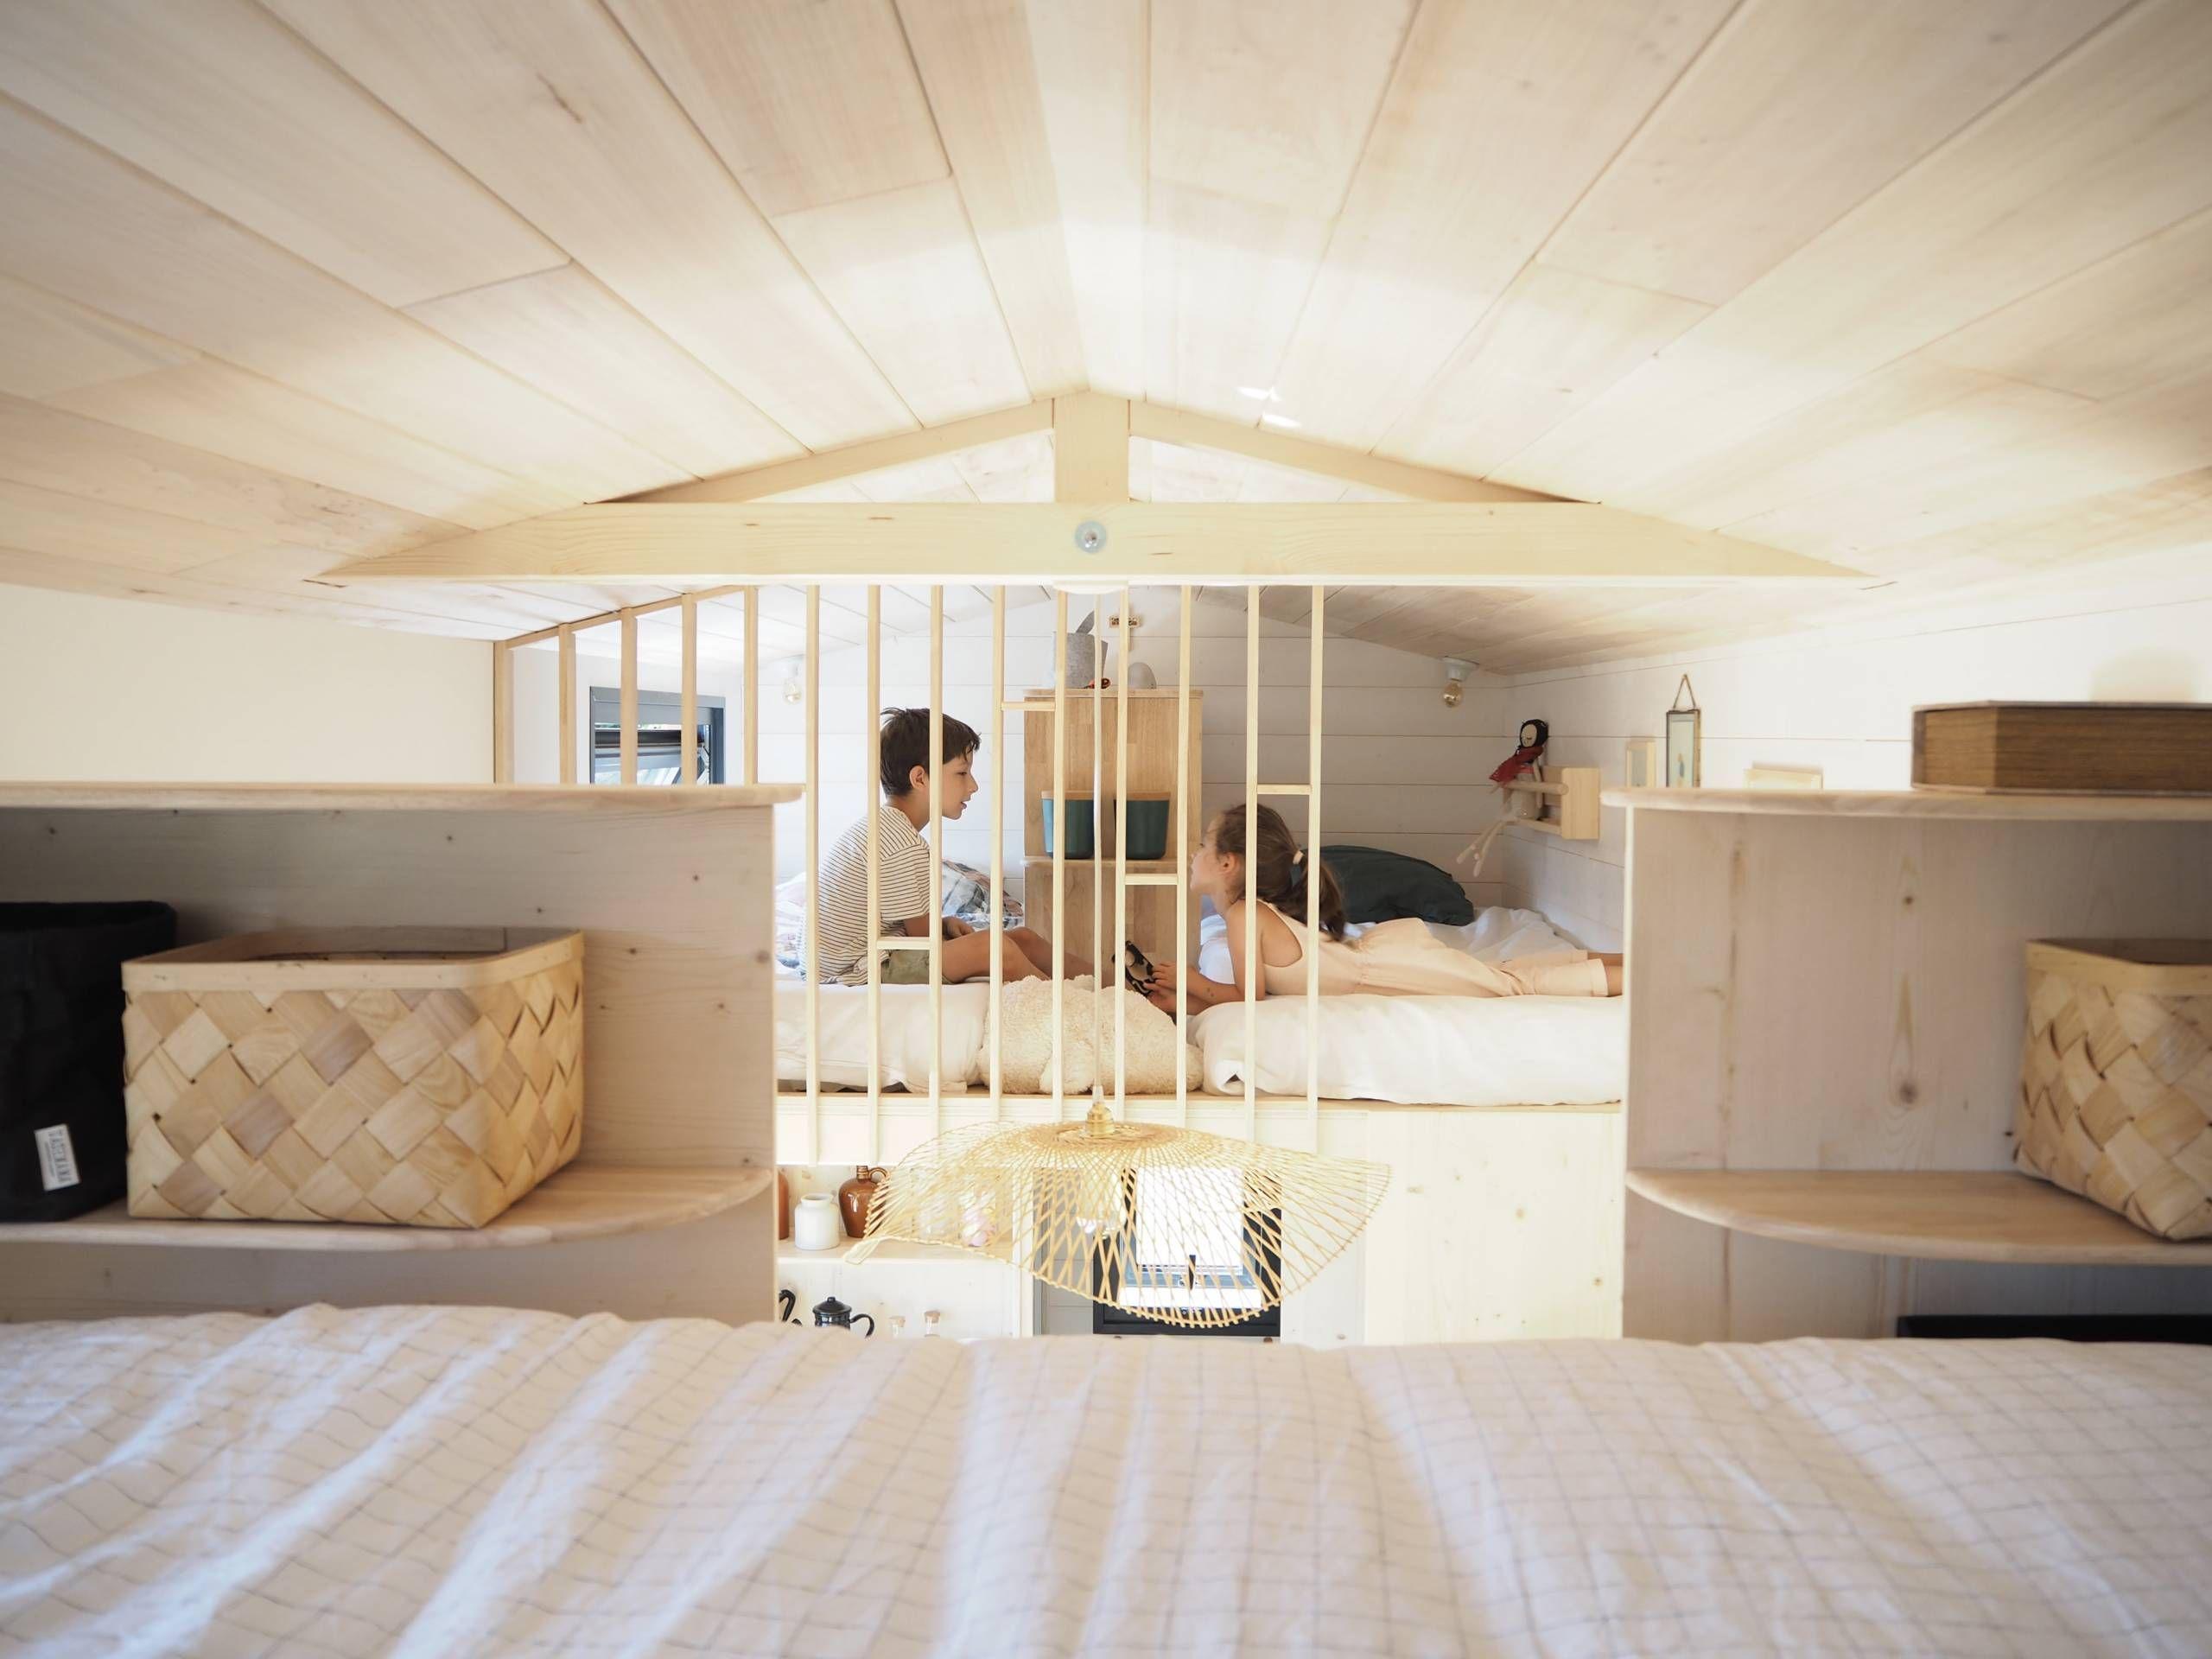 Bienvenue Dans La Tiny House Scandinave D Agnes Alias La Prune Du Jardin Maison Hello Blogzine Et Plancher Bois